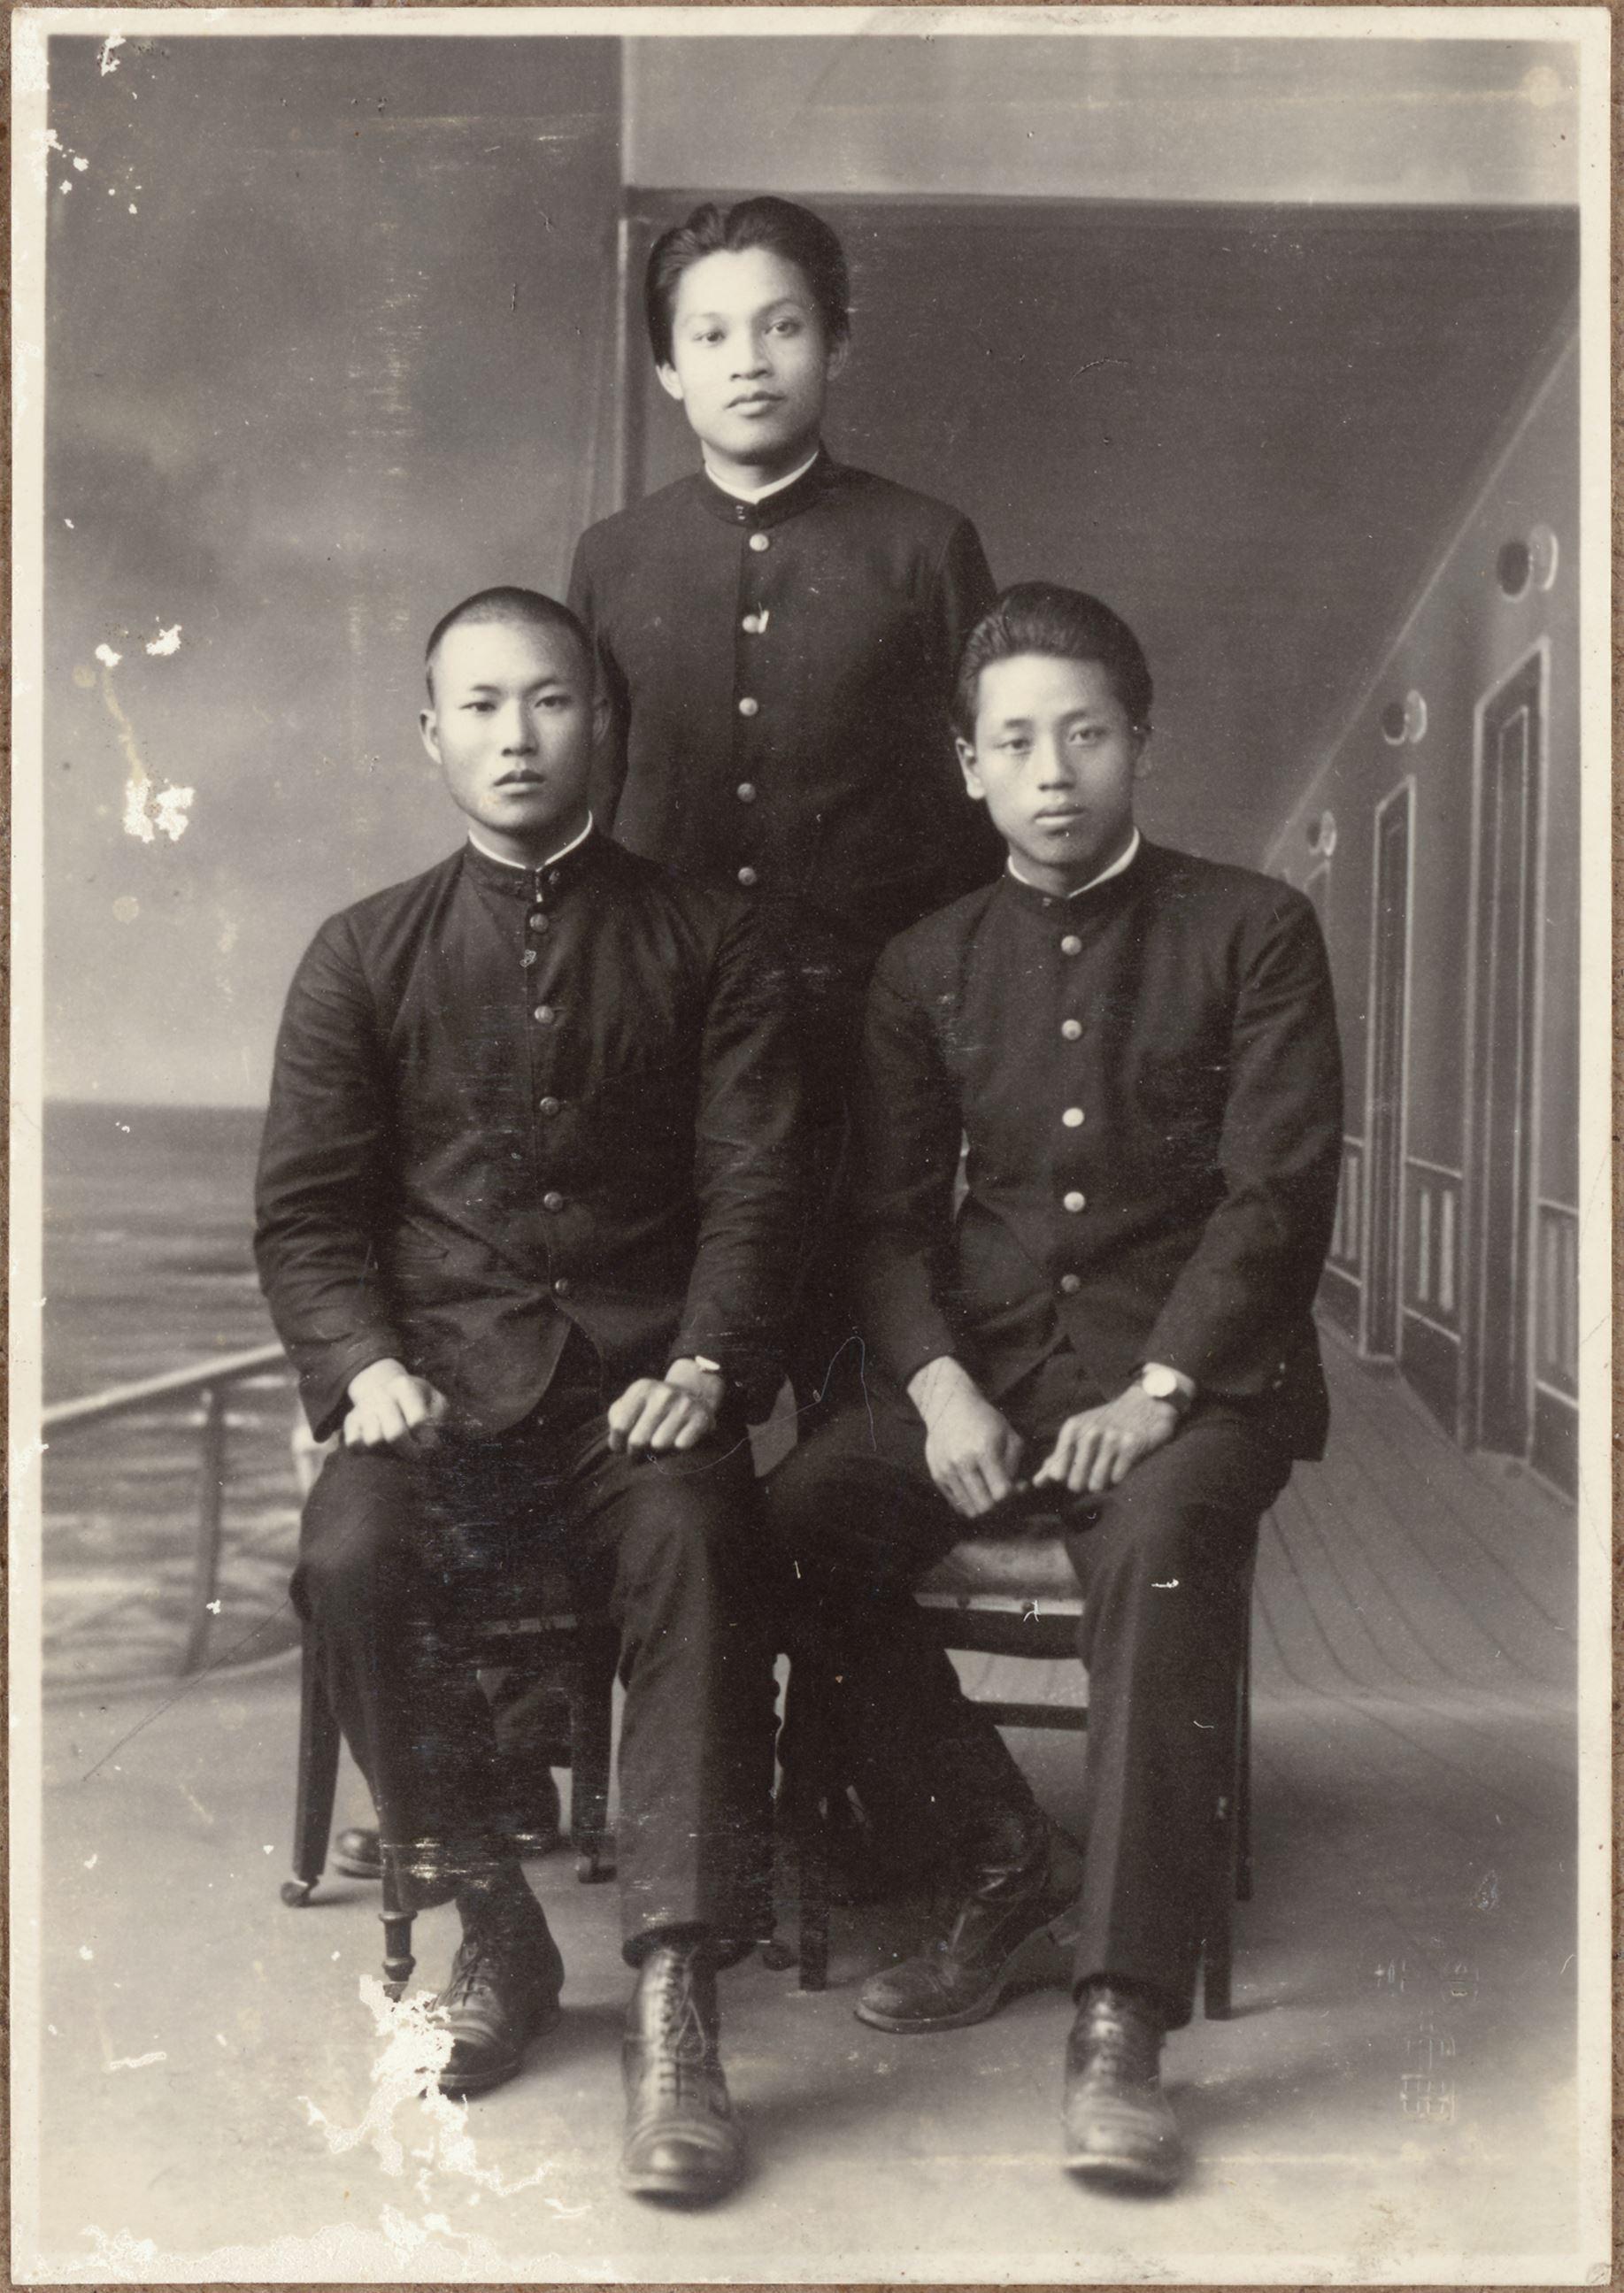 臺灣總督府臺北第二師範學校-學生照相簿 照片5